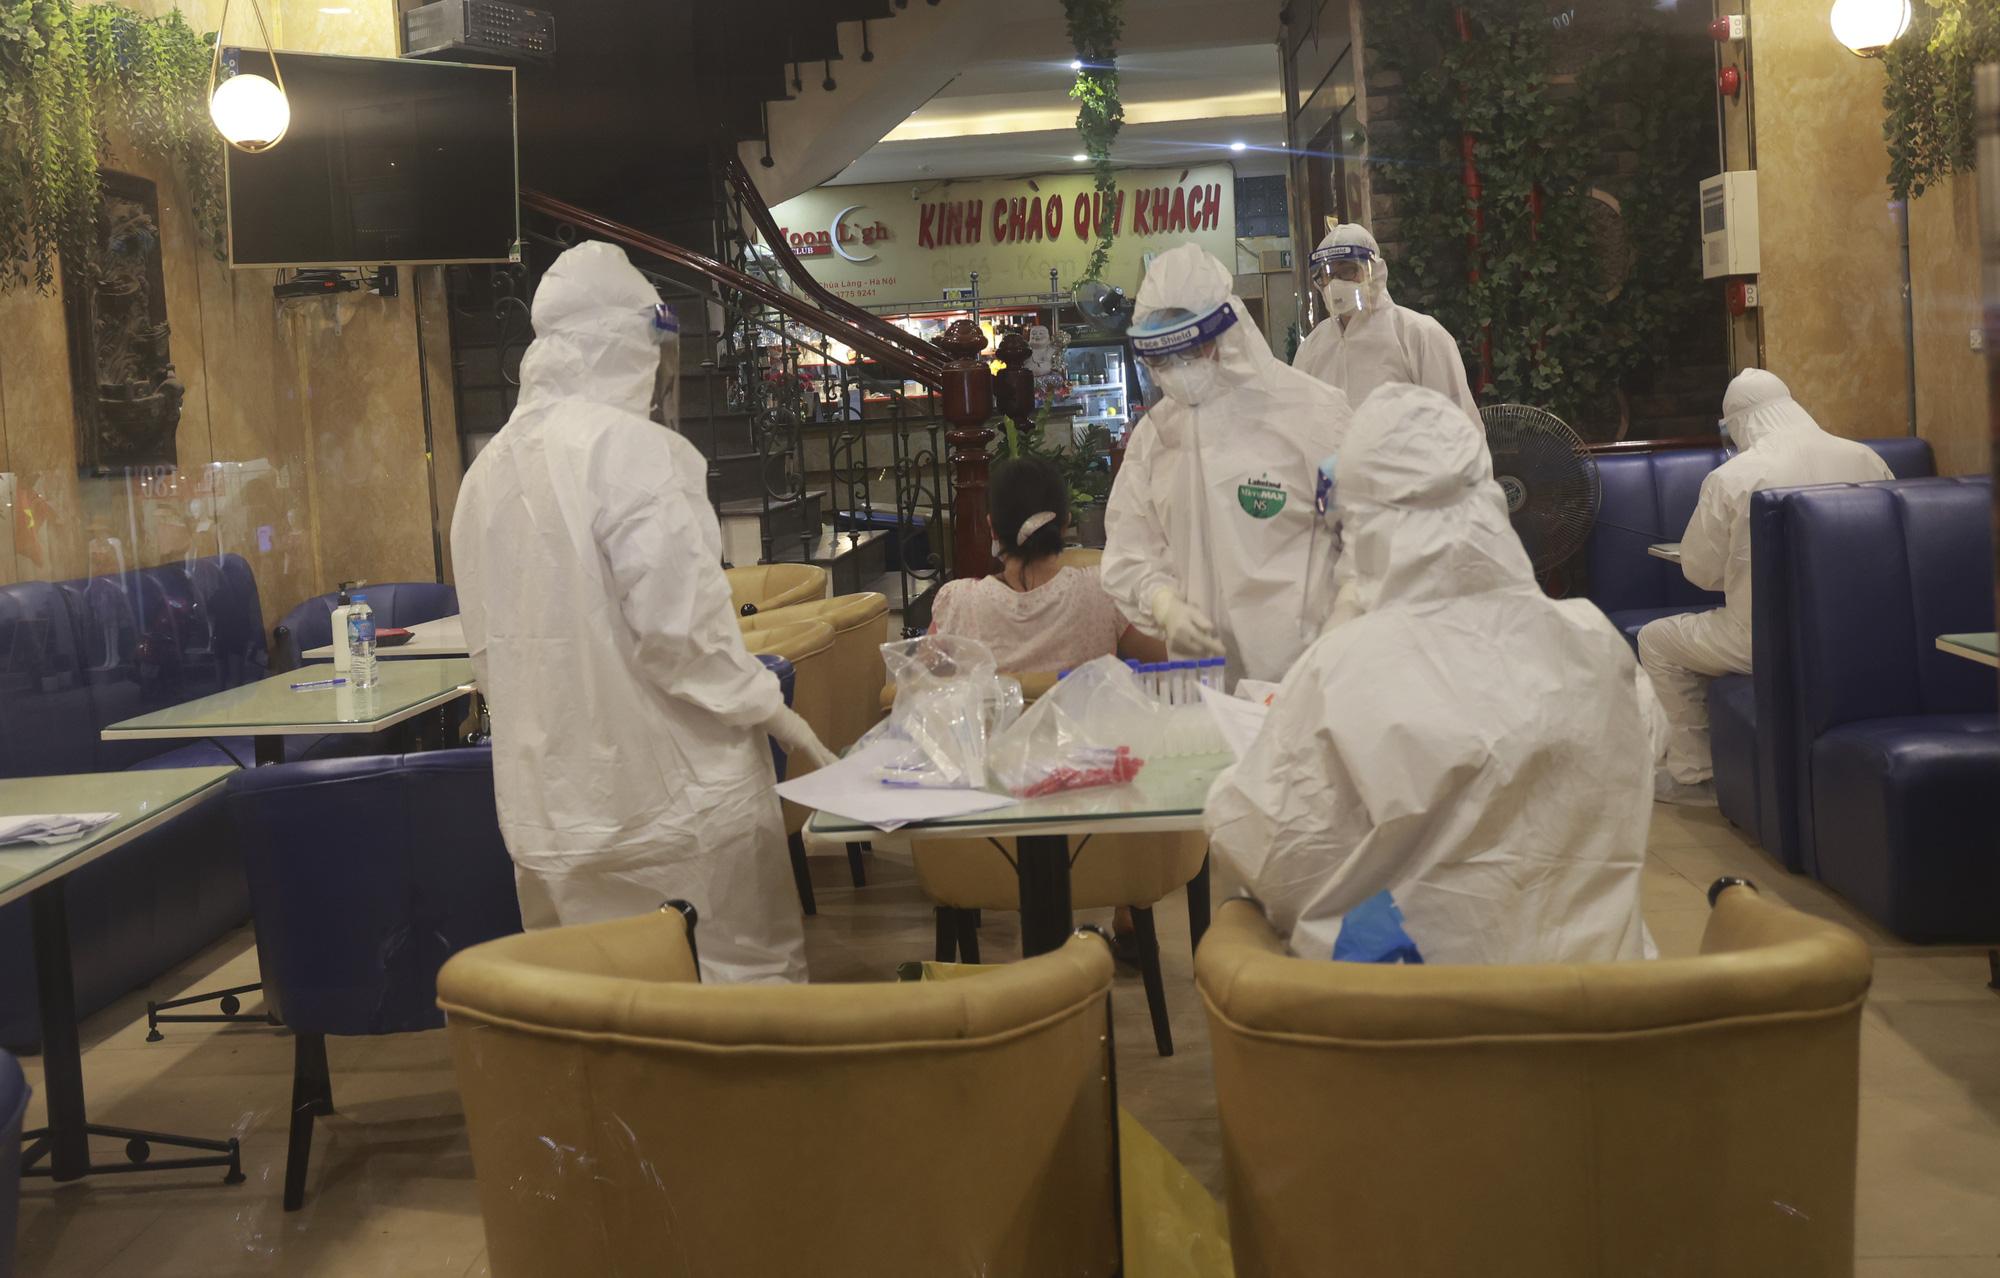 Hà Nội: Đang tiến hành test nhanh COVID-19, phun khử khuẩn quán karaoke nơi nam bác sĩ dương tính với SARS-CoV-2 từng đến - Ảnh 3.